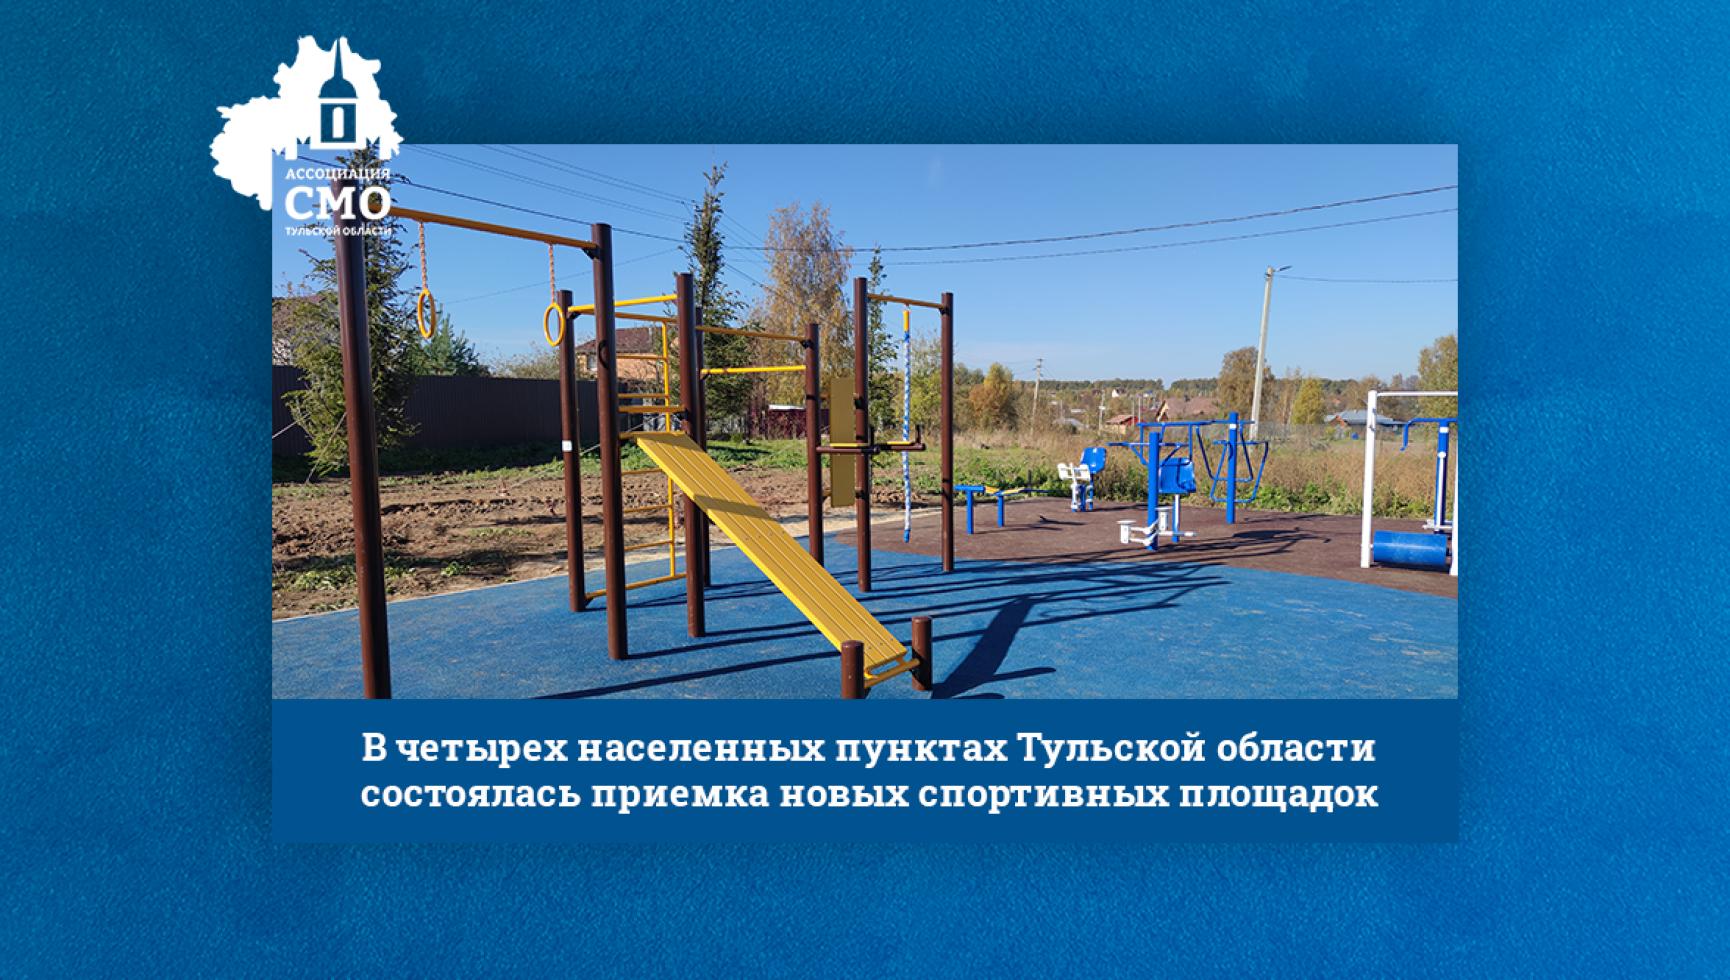 В четырех населенных пунктах Тульской области состоялась приемка новых спортивных площадок